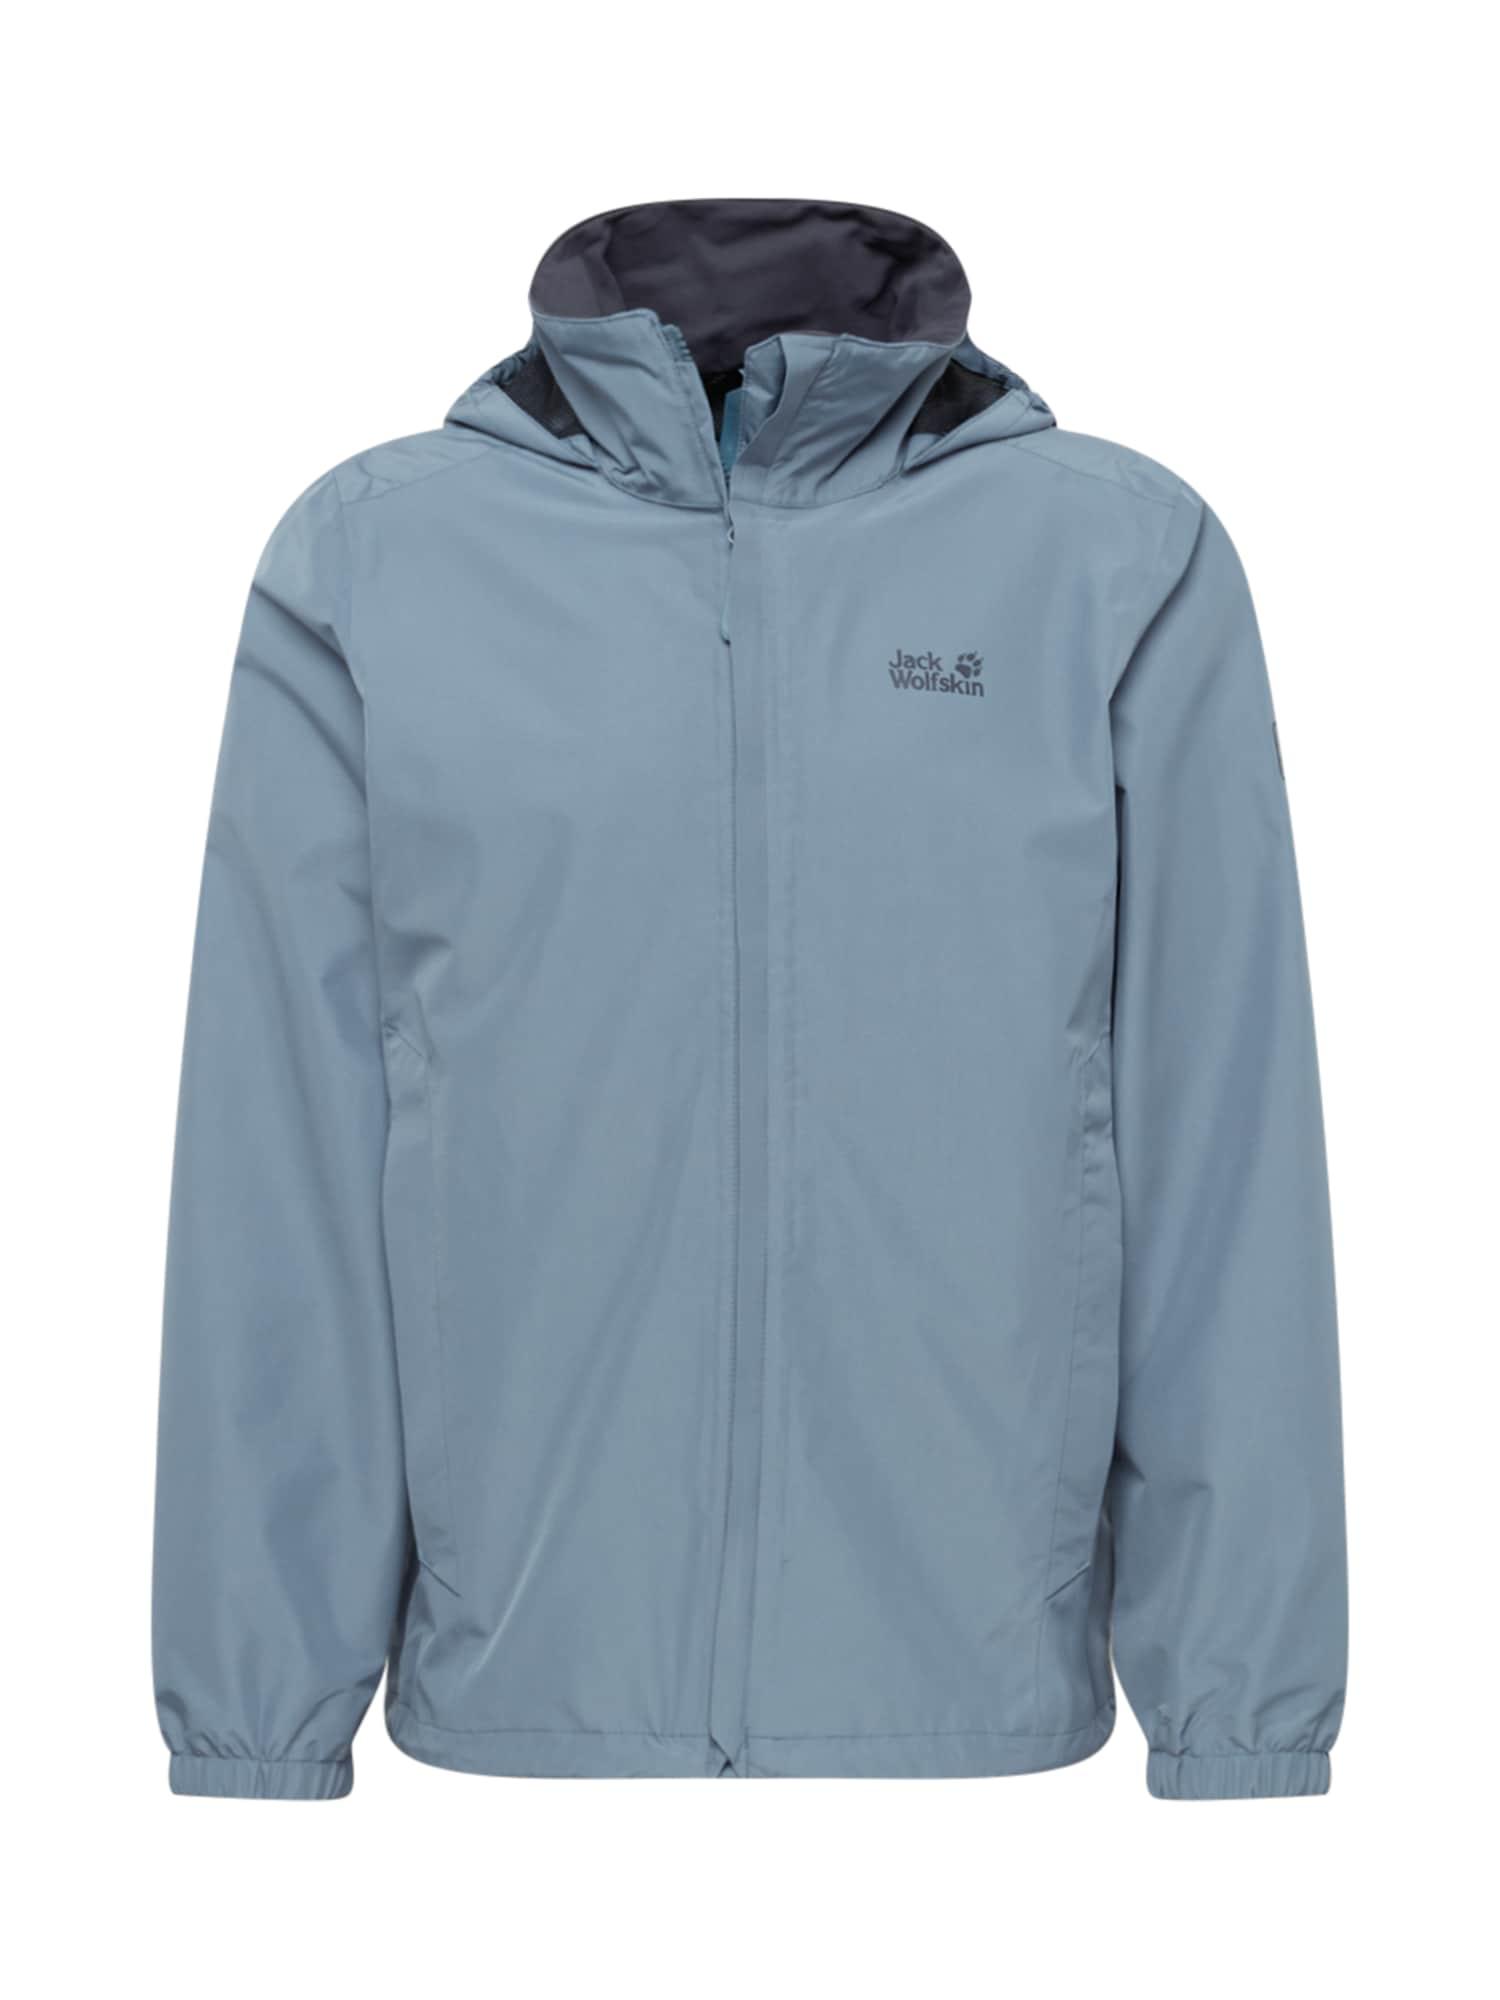 JACK WOLFSKIN Funkční bunda 'Stormy point'  šedá / chladná modrá